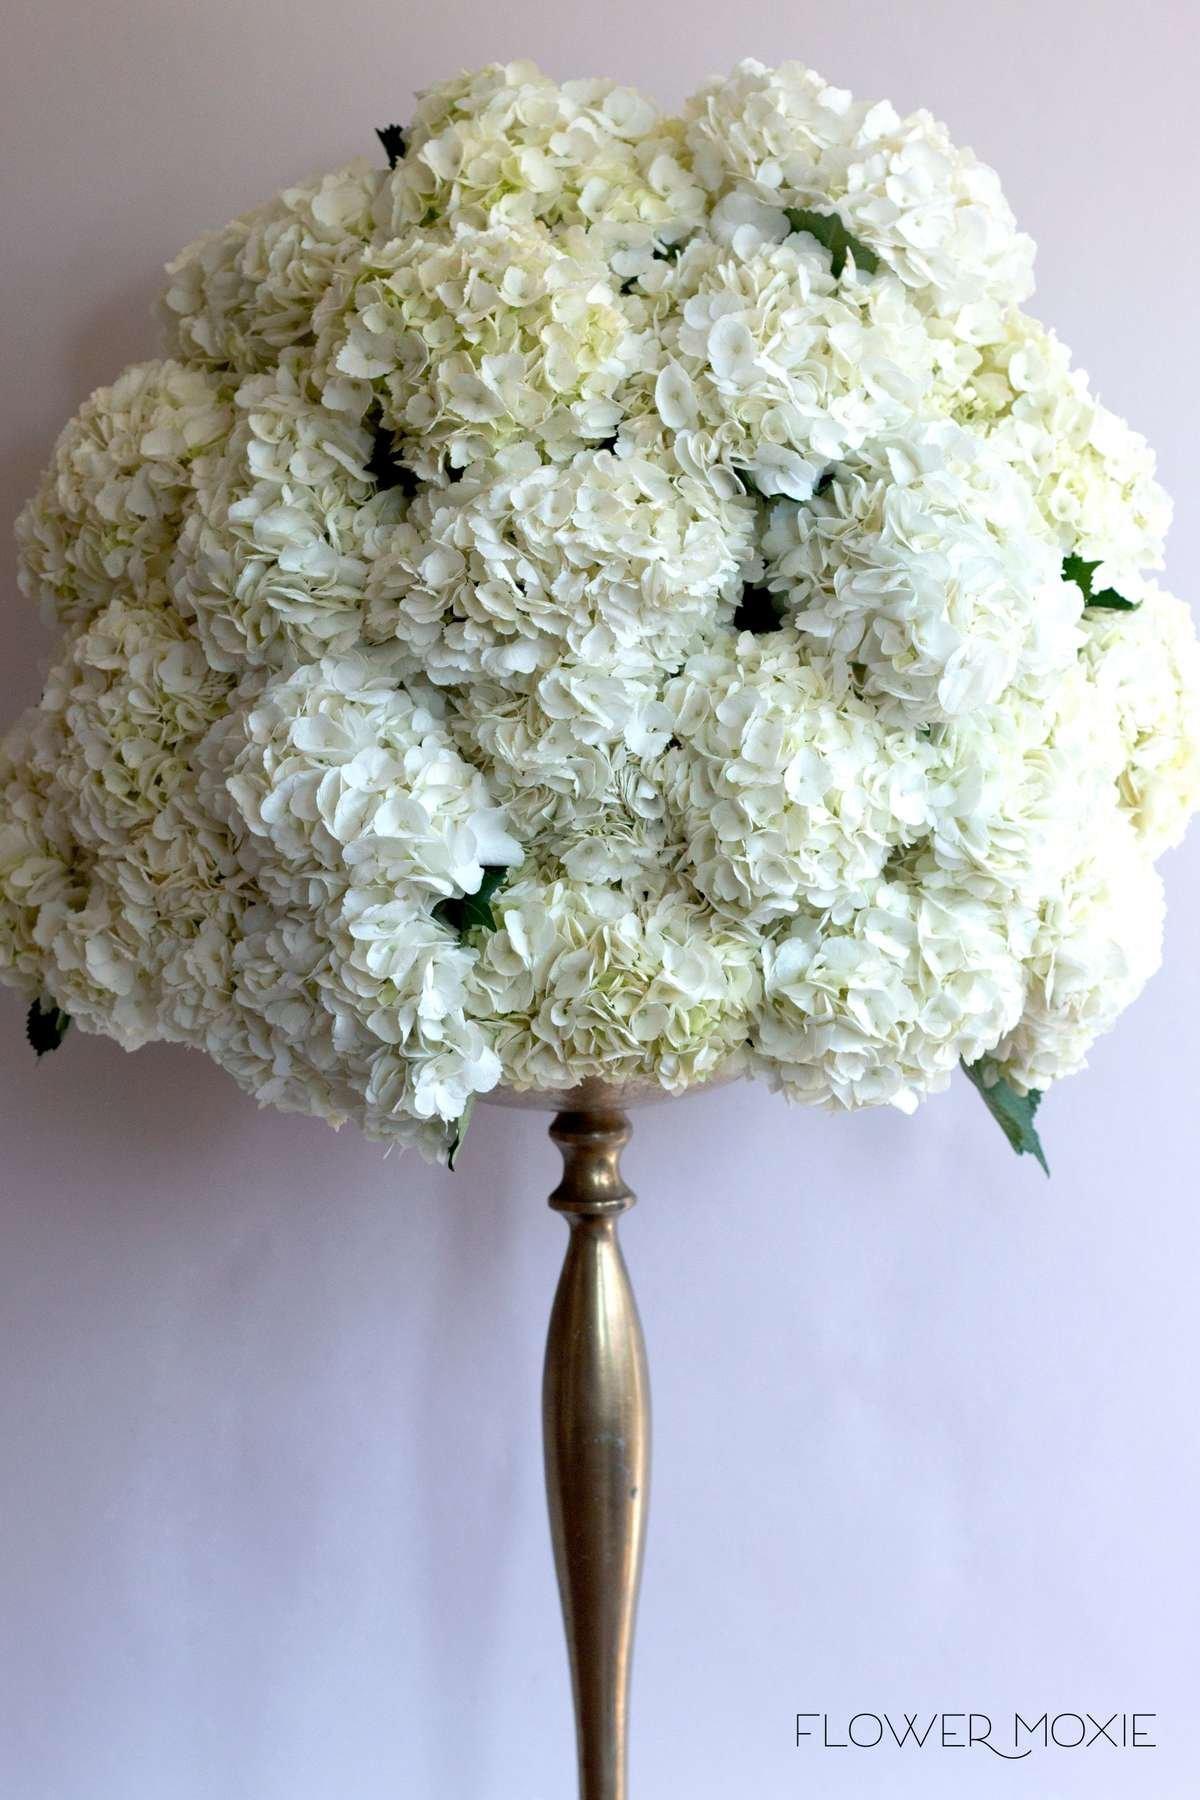 White ceremony flowers, hydrangea centerpiece, hydrangea bridal bouquet, large white bouquet, Flower Moxie, DIY wedding flowers